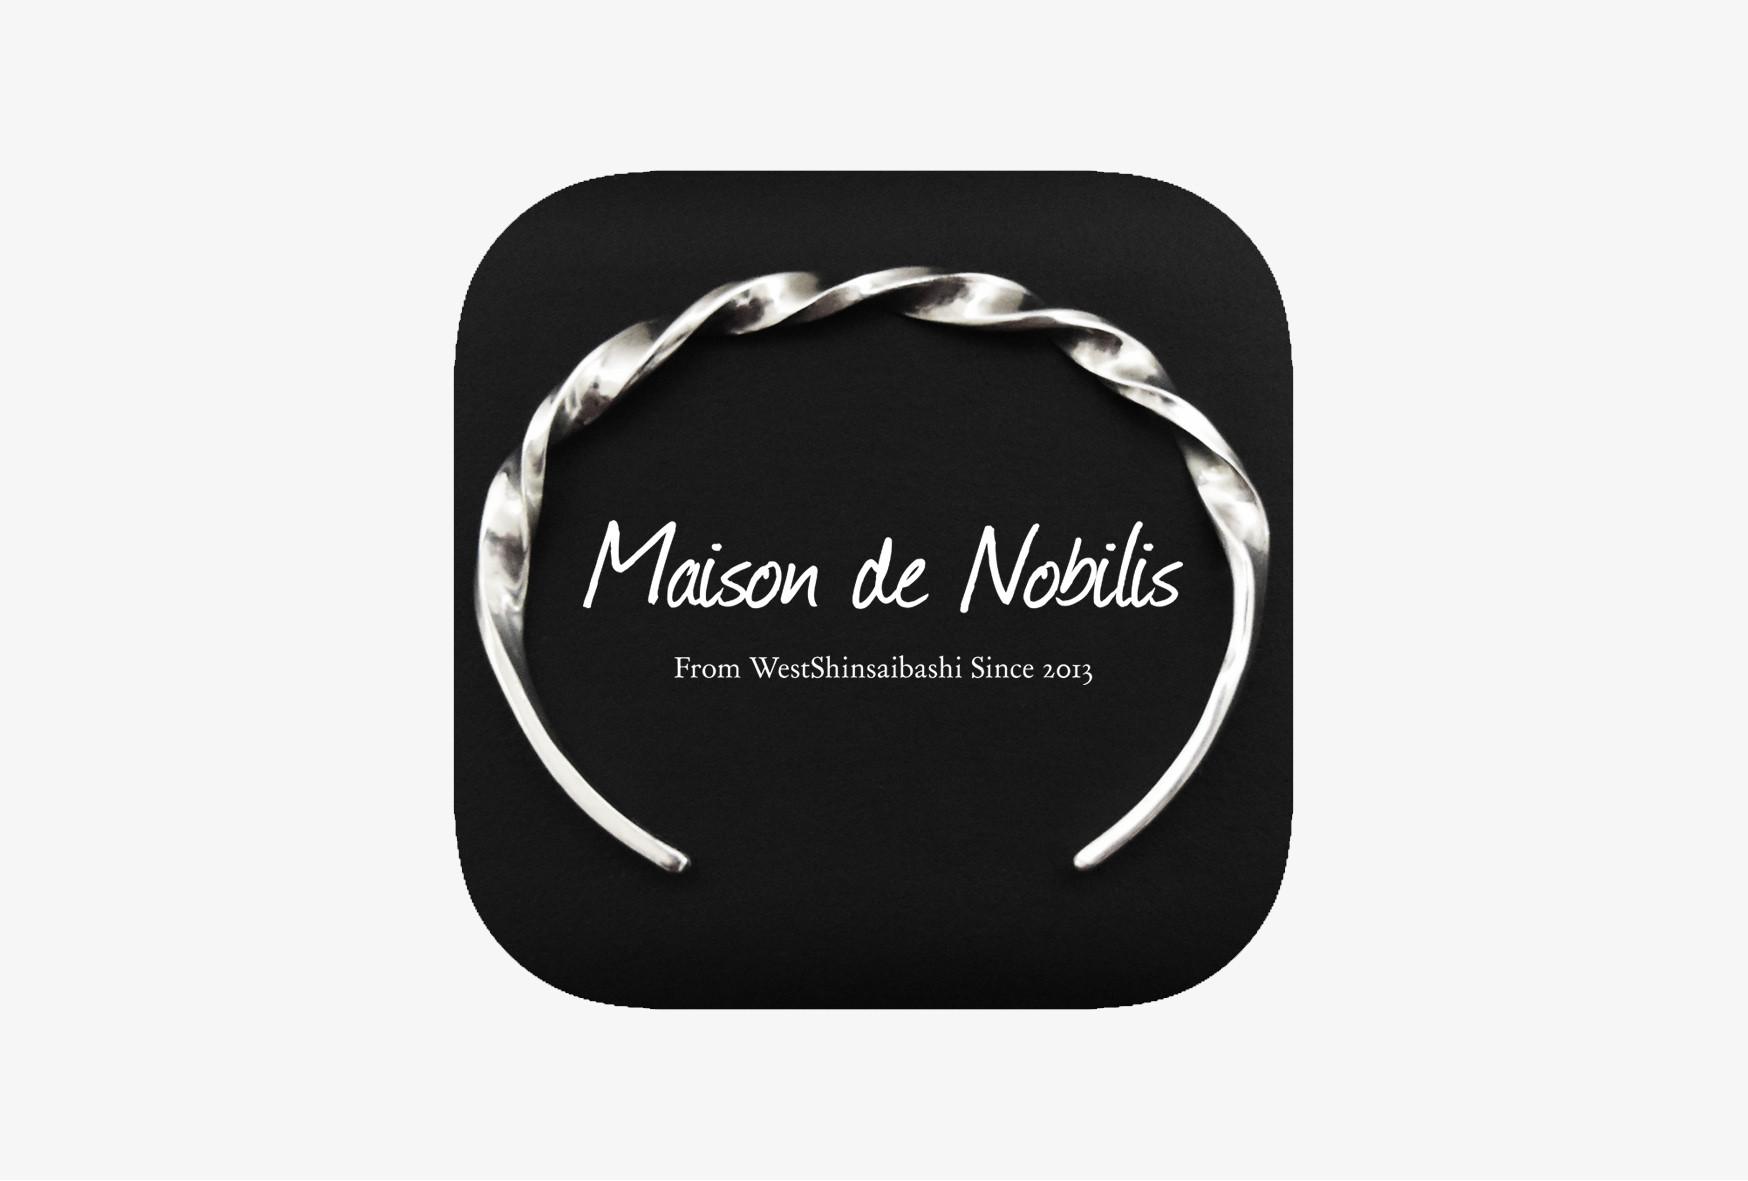 【お得な情報満載!】Maison de Nobilis公式アプリをダウンロードして10%OFF!